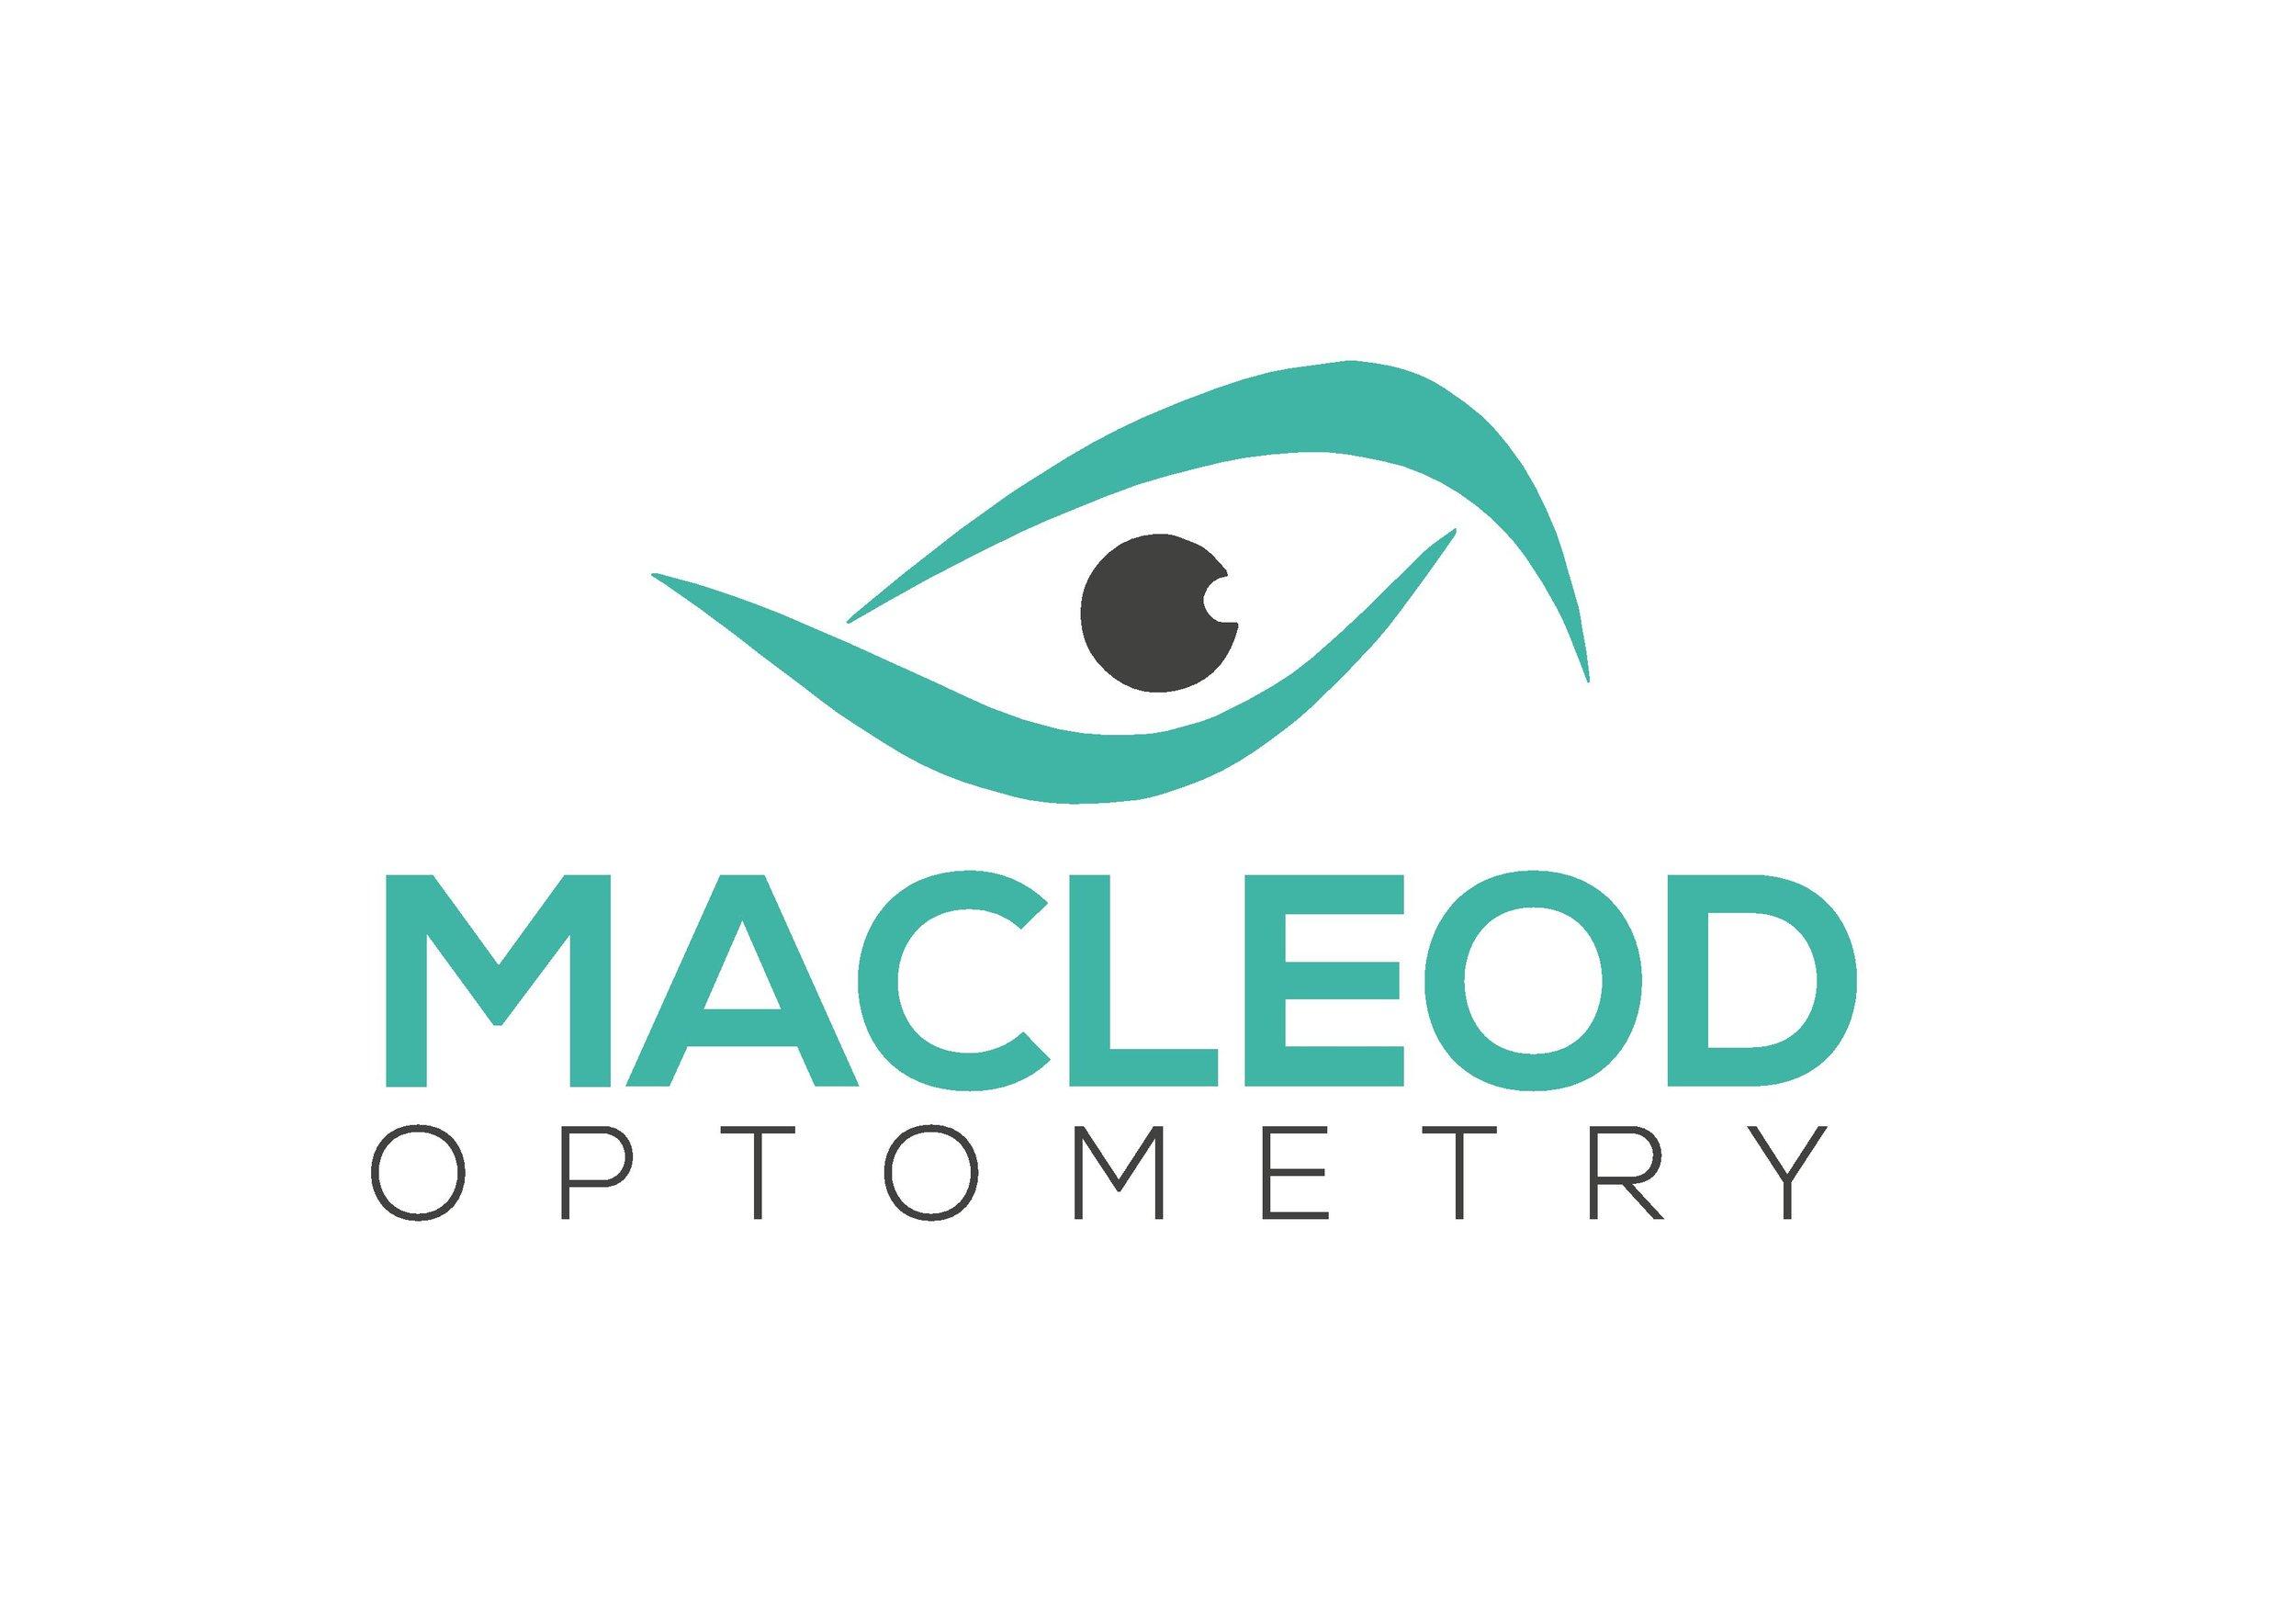 Macleod_Optometry LOGO-page-001 - Copy.jpg